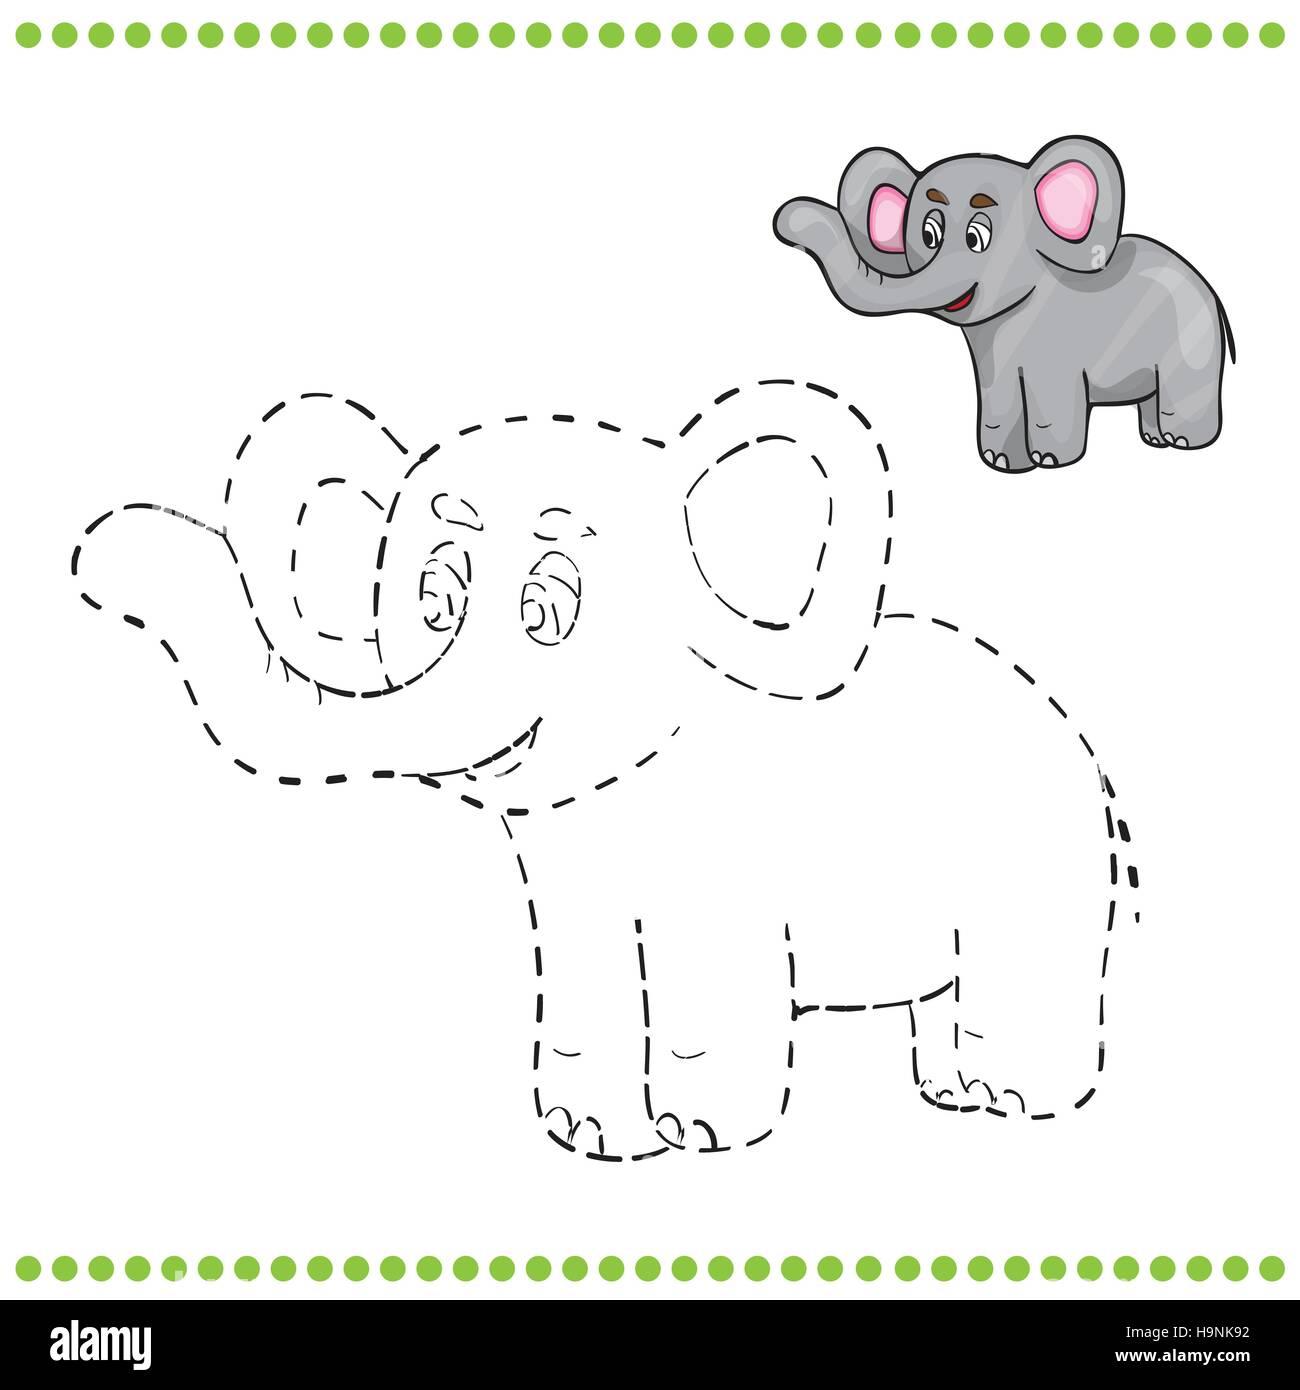 Verbinden Sie die Punkte und Malvorlagen - Elefant Vektor Abbildung ...